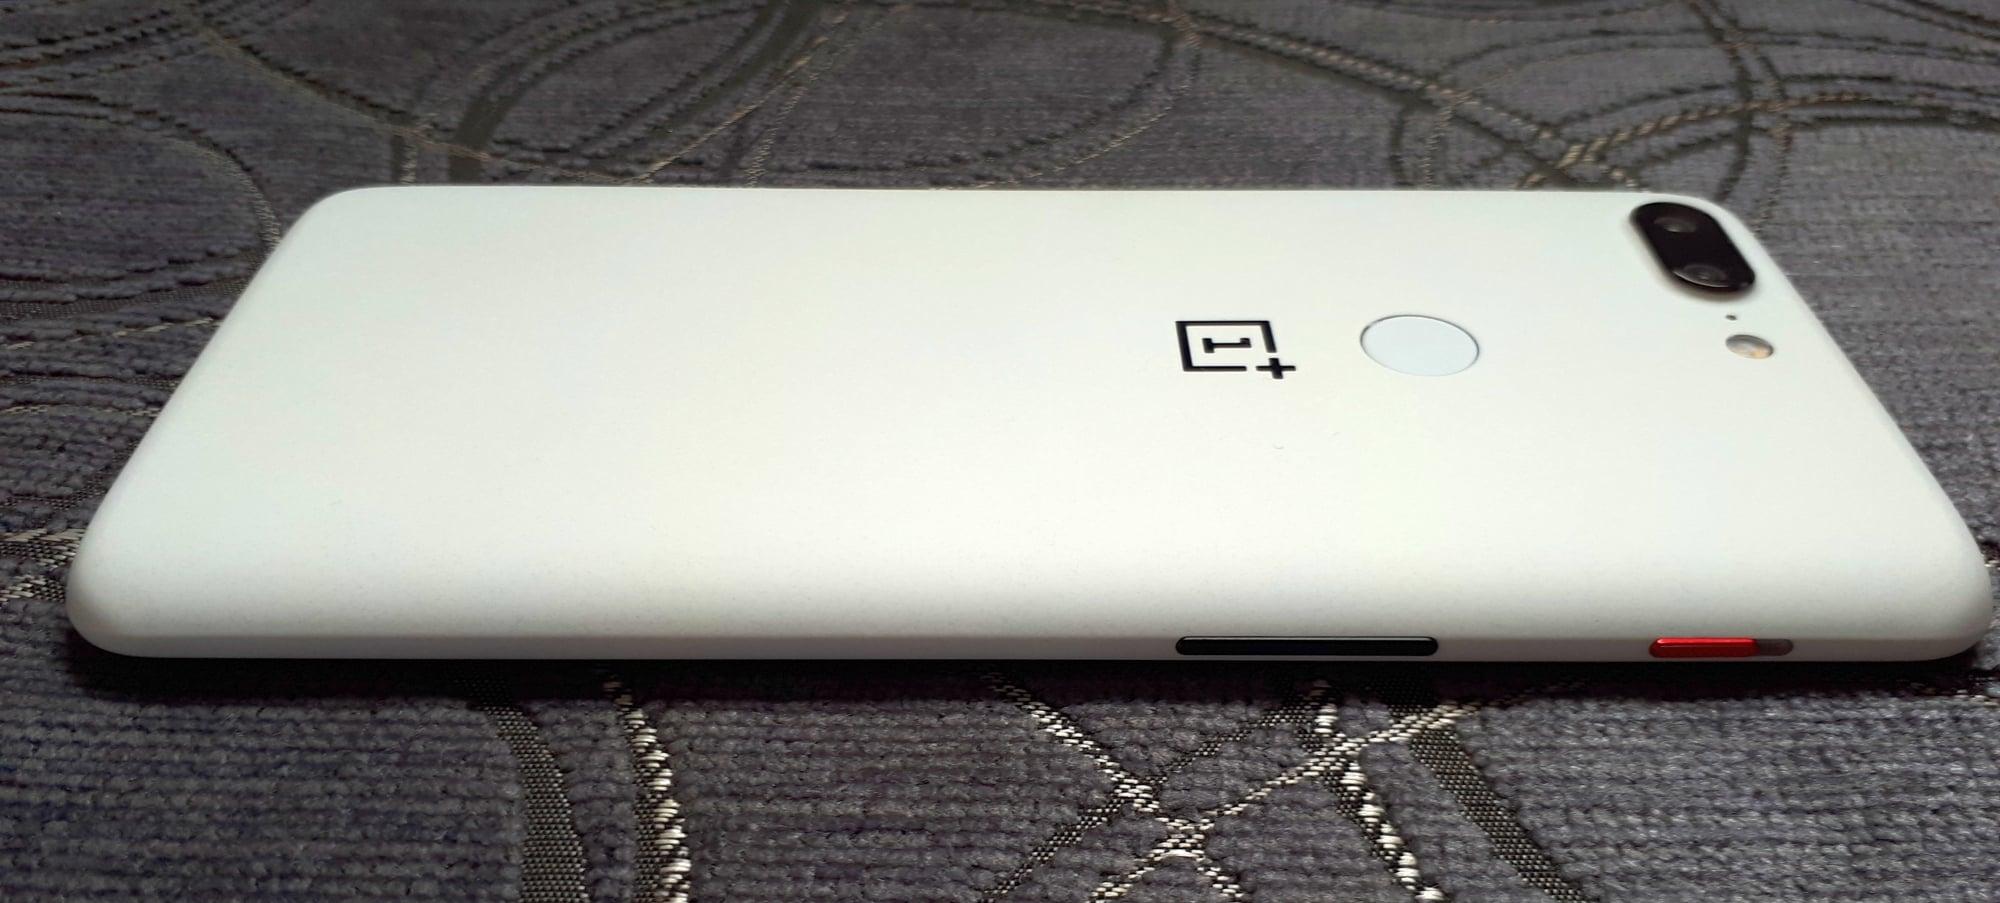 Recenzja OnePlus 5T - właśnie tak powinien działać każdy flagowiec! 22